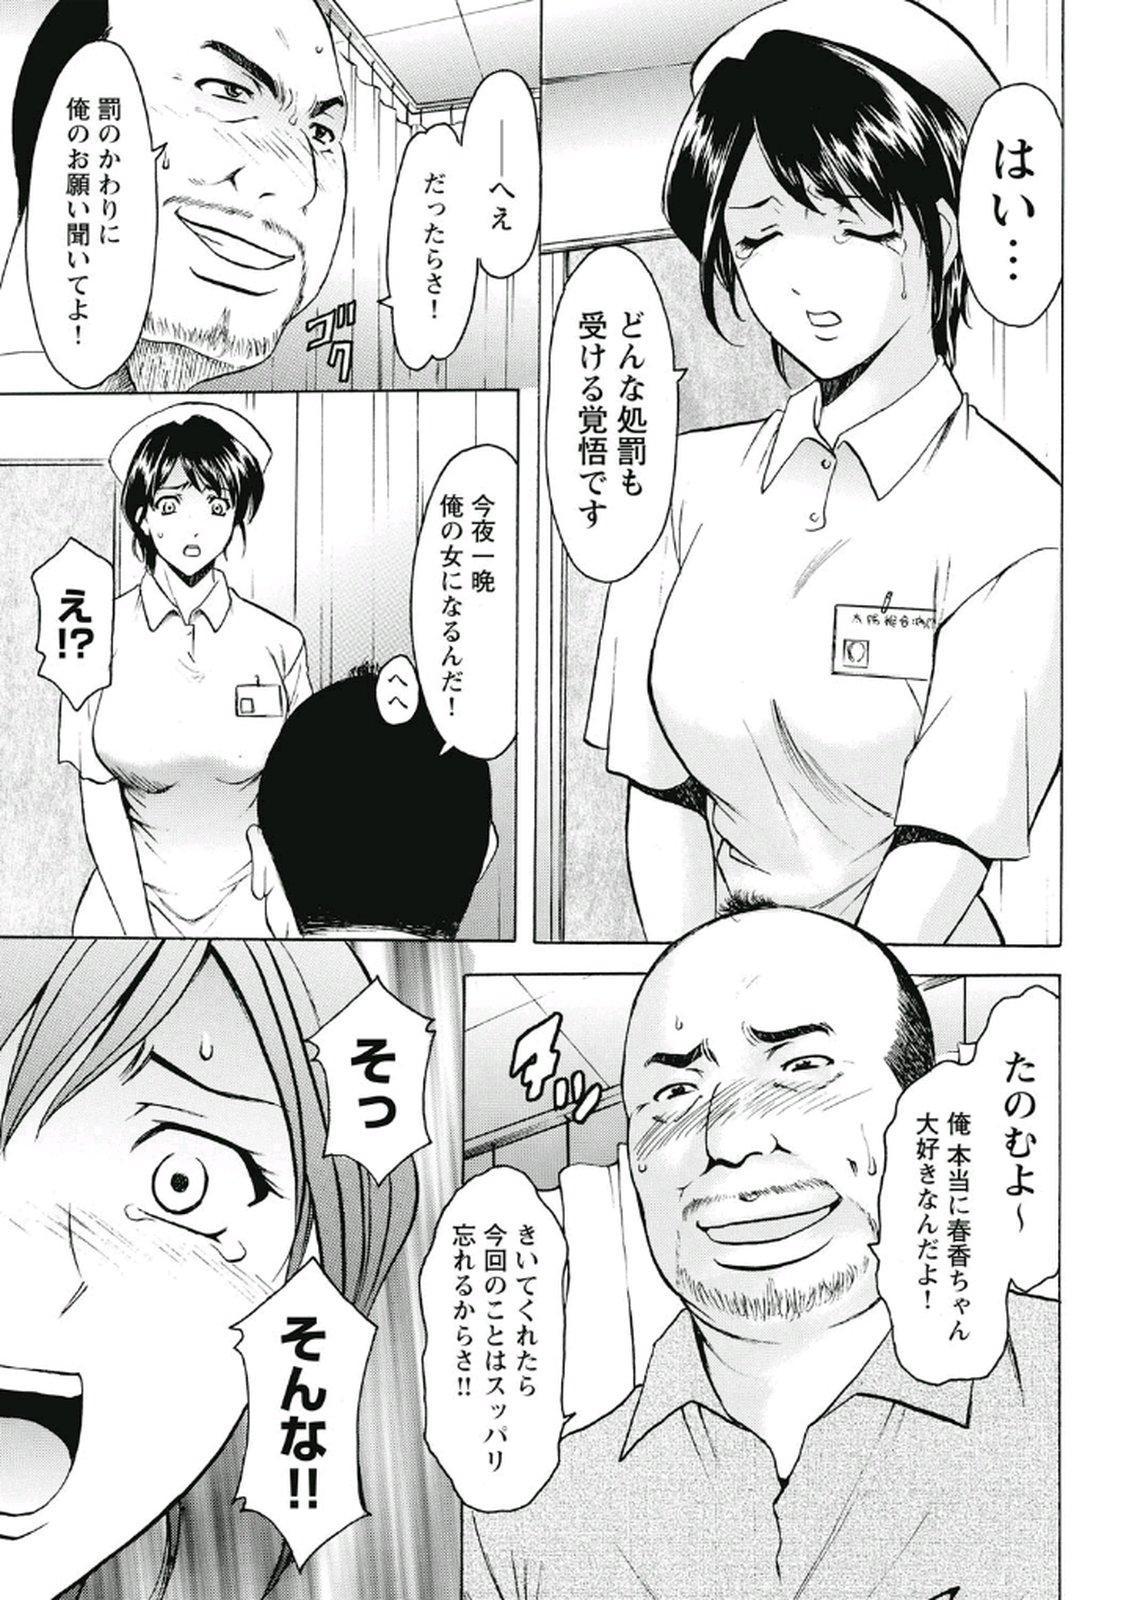 Chijoku Byoutou 11